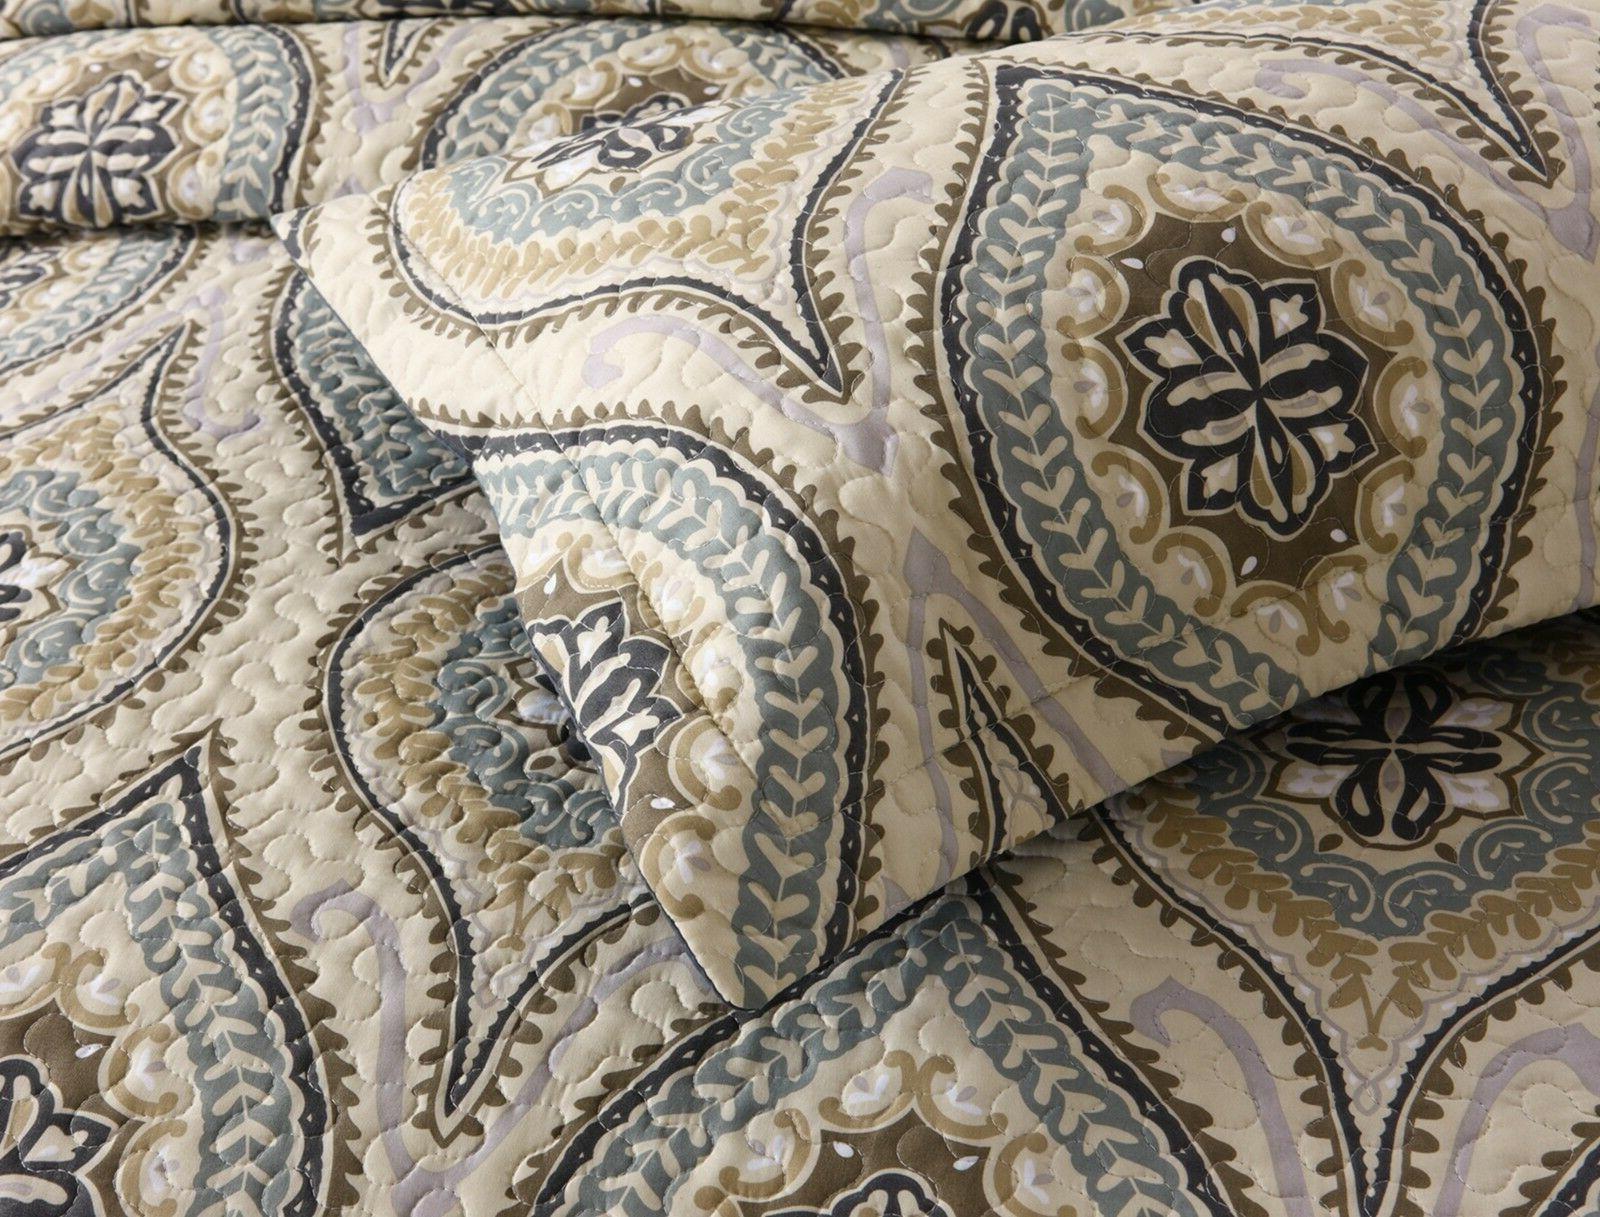 3Pc Quilt Bedspread Bedding Coverlet Queen